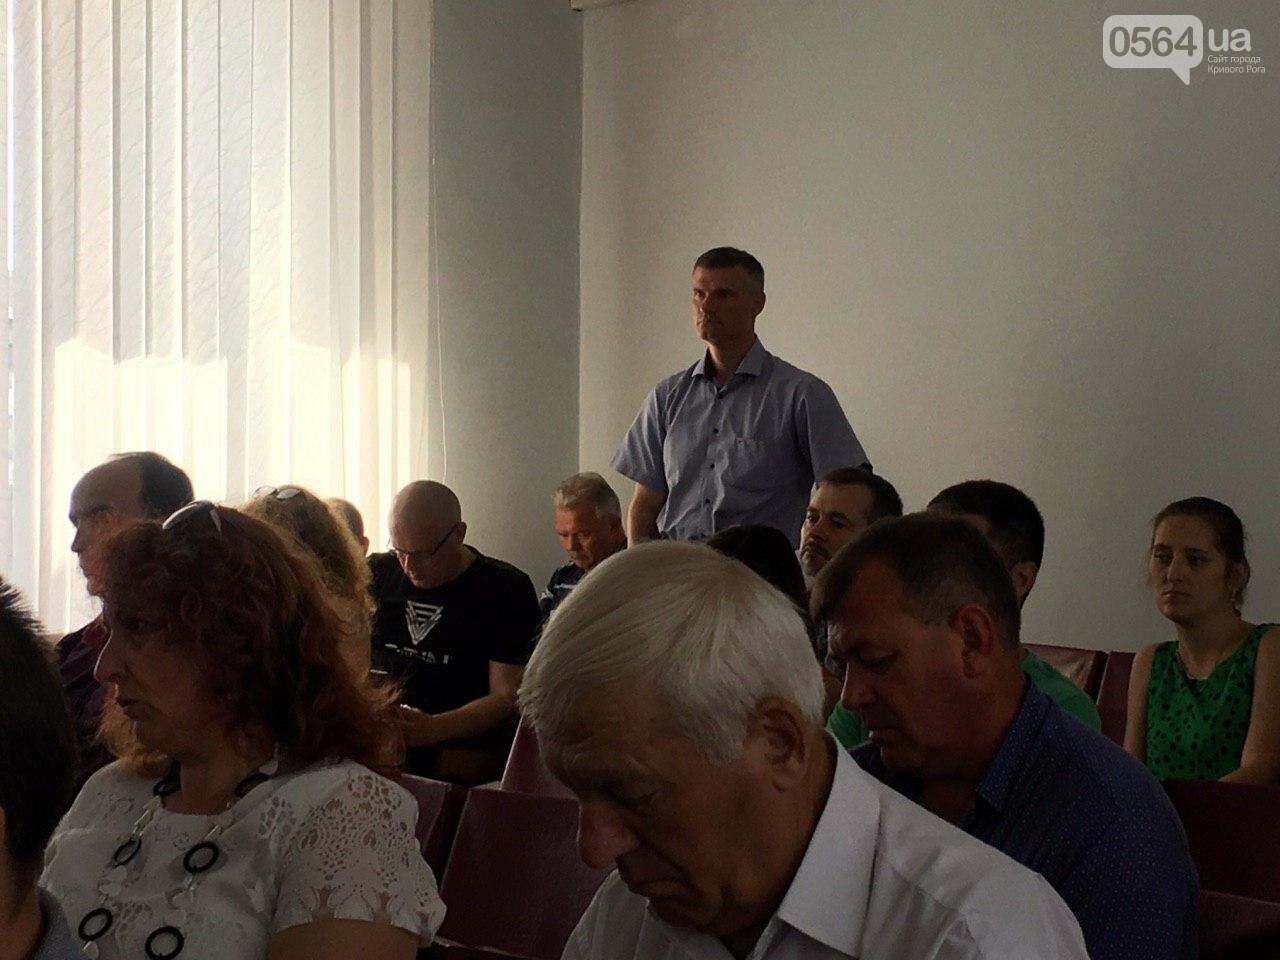 Криворожское КП пытается подготовится к отопительному сезону, несмотря на долг в полмиллиарда, - ФОТО , фото-66